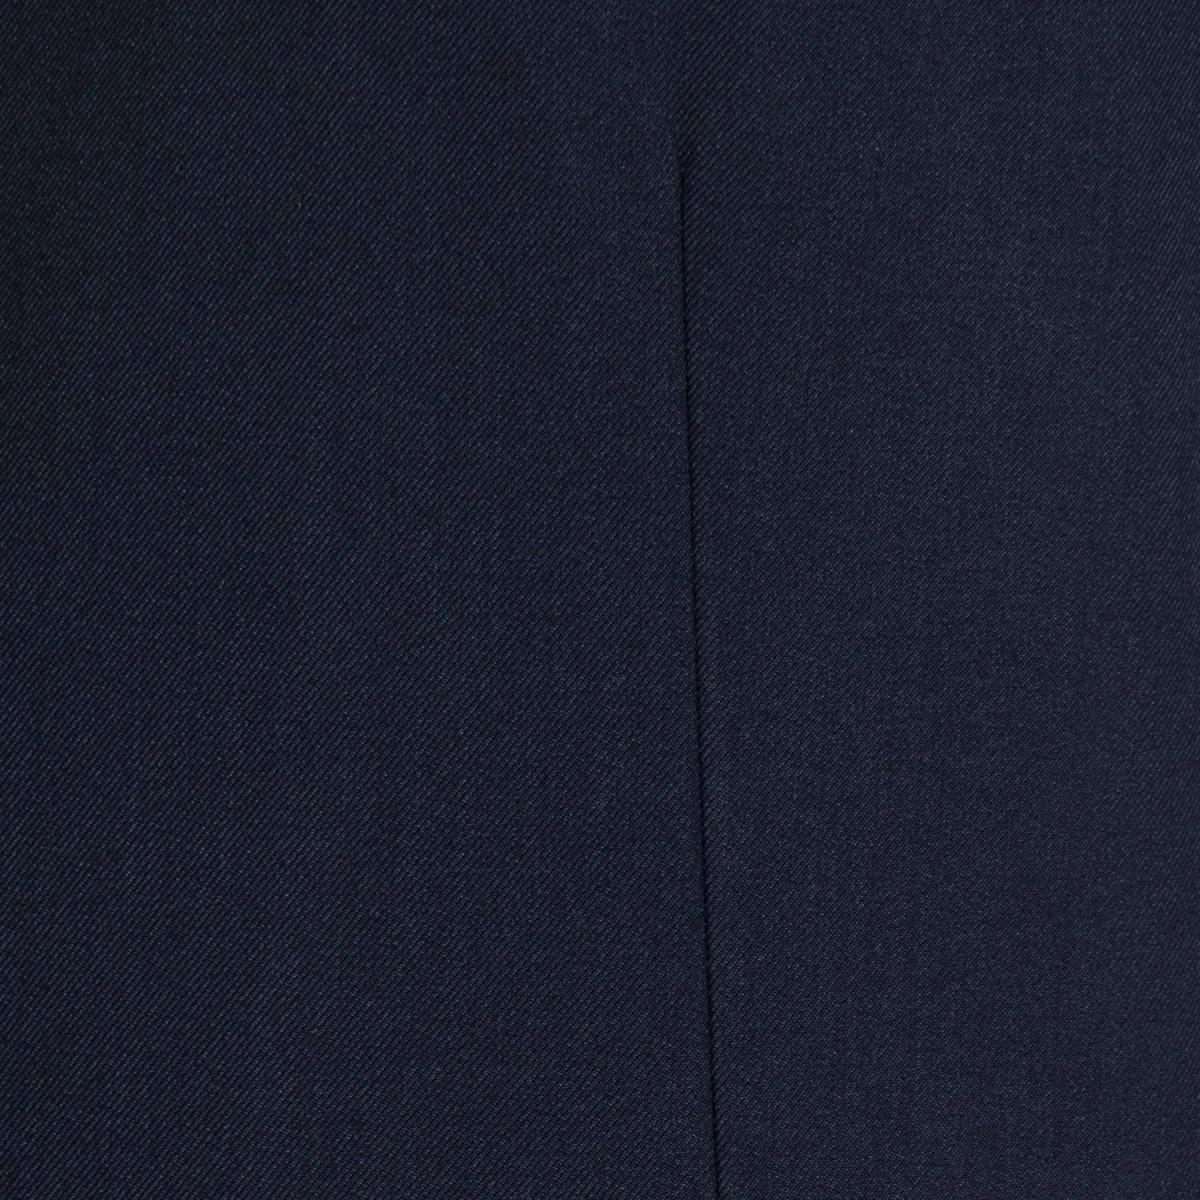 abbigliamento Gilet uomo Gilet tinta unita GLGN21368 GIANNI LUPO Cafedelmar Shop